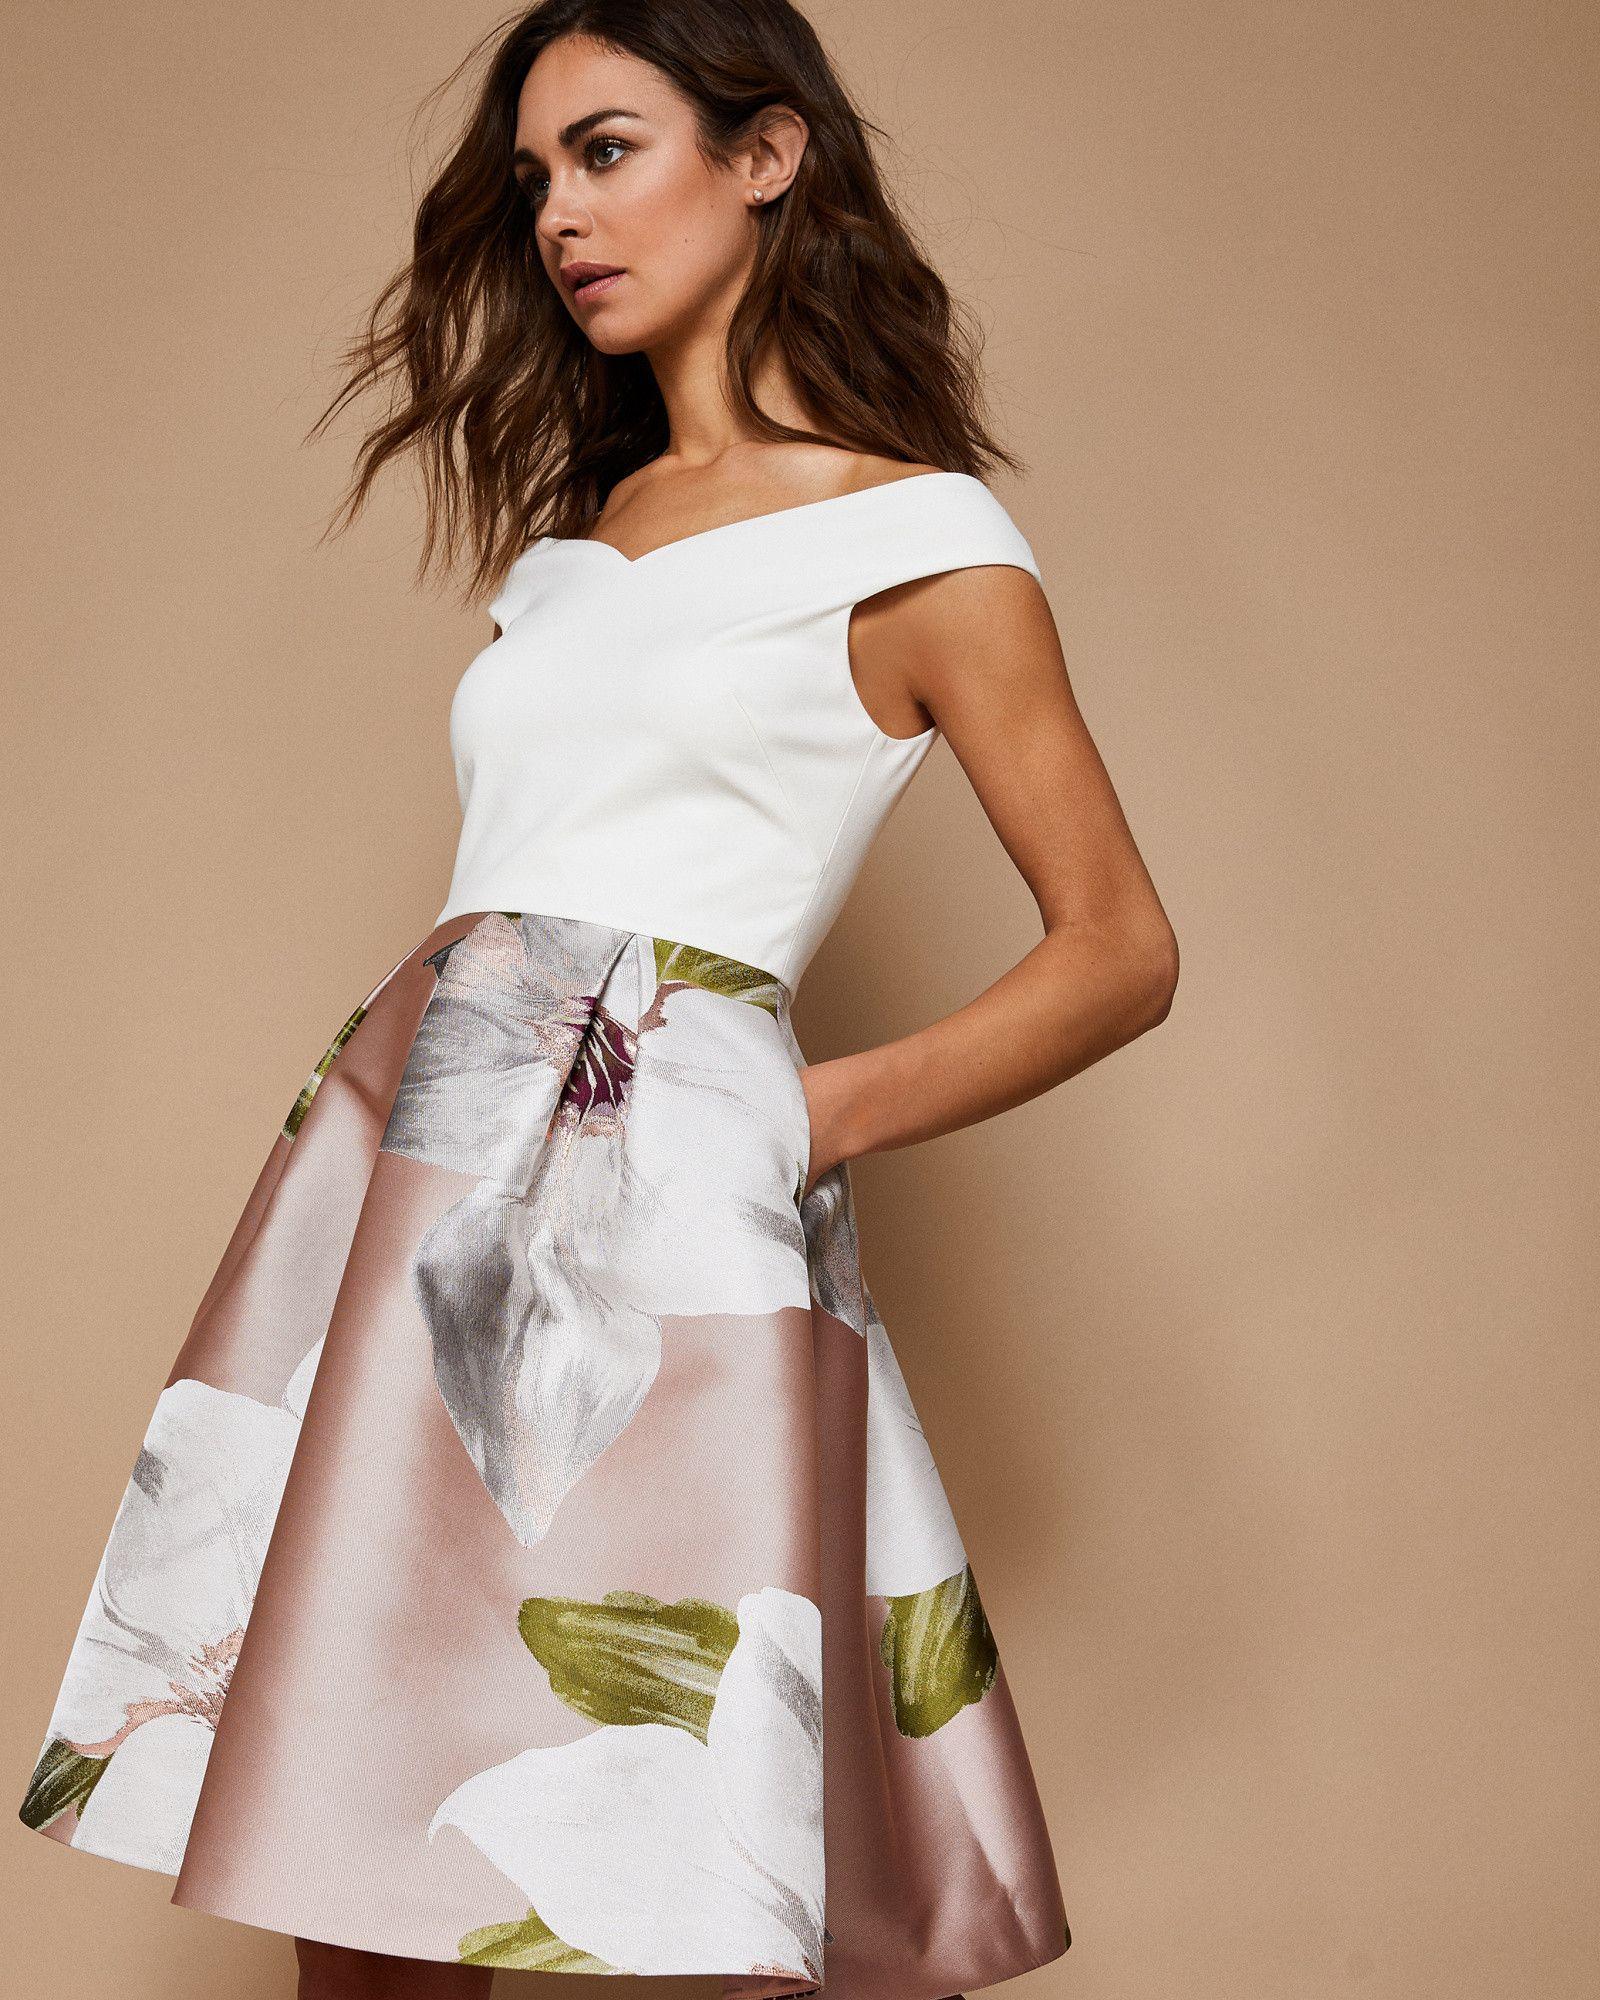 af4fe8c96d0e VALTIA Chatsworth jacquard off-shoulder dress #TedToToe | Fashion ...